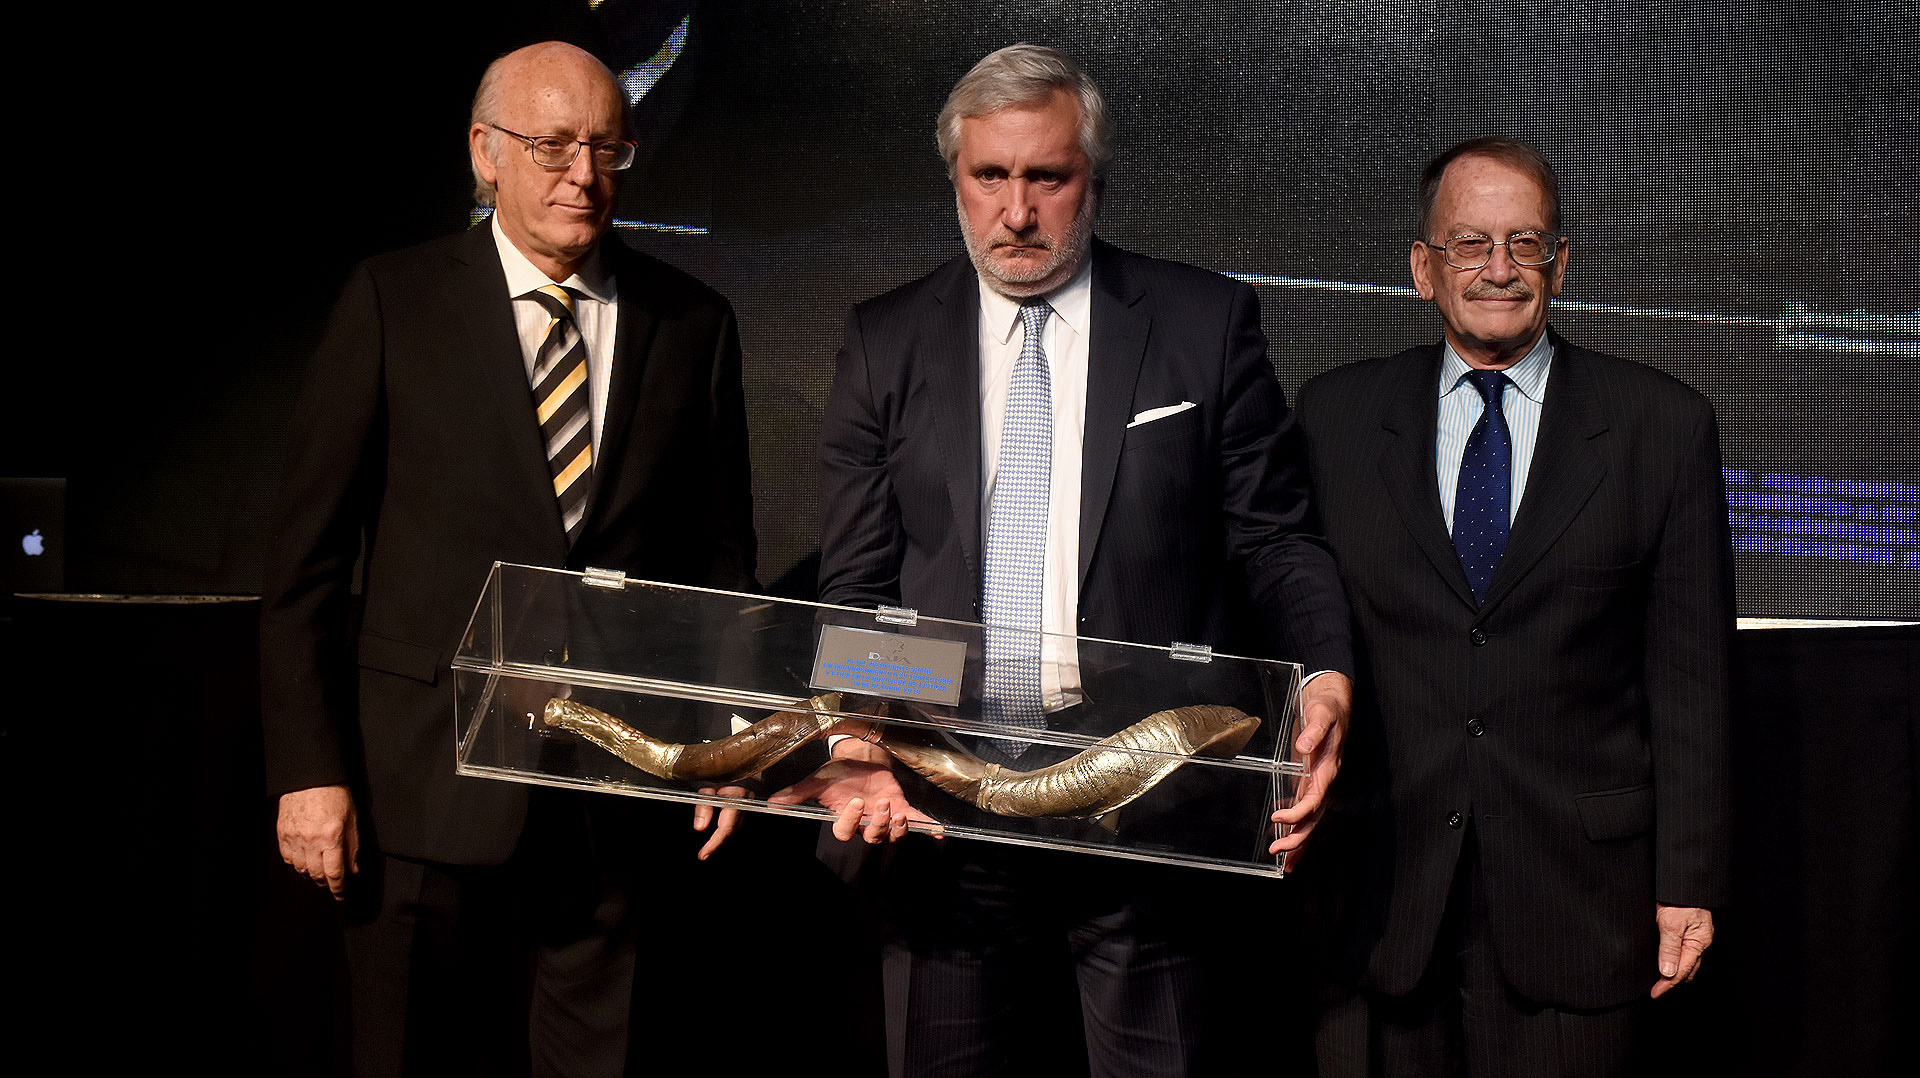 Julio Conte Grand, procurador de la provincia de Buenos Aires, fue distinguido y recibió un shofar de manos del presidente de la DAIA, Alberto Indij, y de su secretario general, Mario Tannenbaum